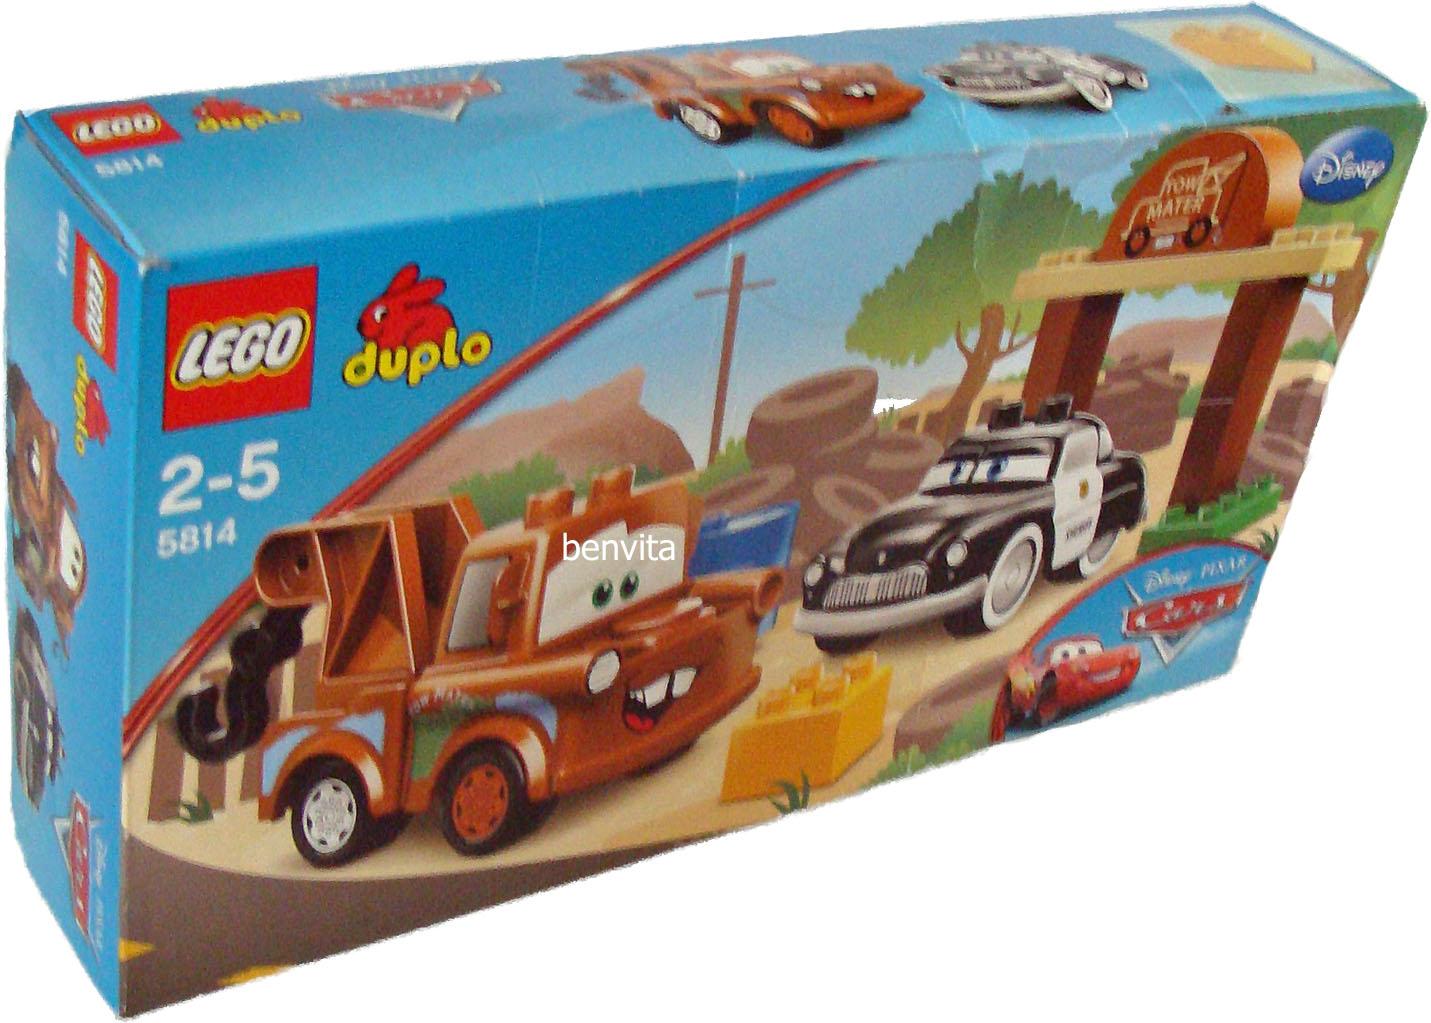 lego duplo cars hooks schrottplatz Ich verkaufe ein setlego duplo cars 5814 - hooks schrottplatz wie abgebildet mit ovp bespielt, jedoch in sehr gutem zustand und vollständig abholung in.